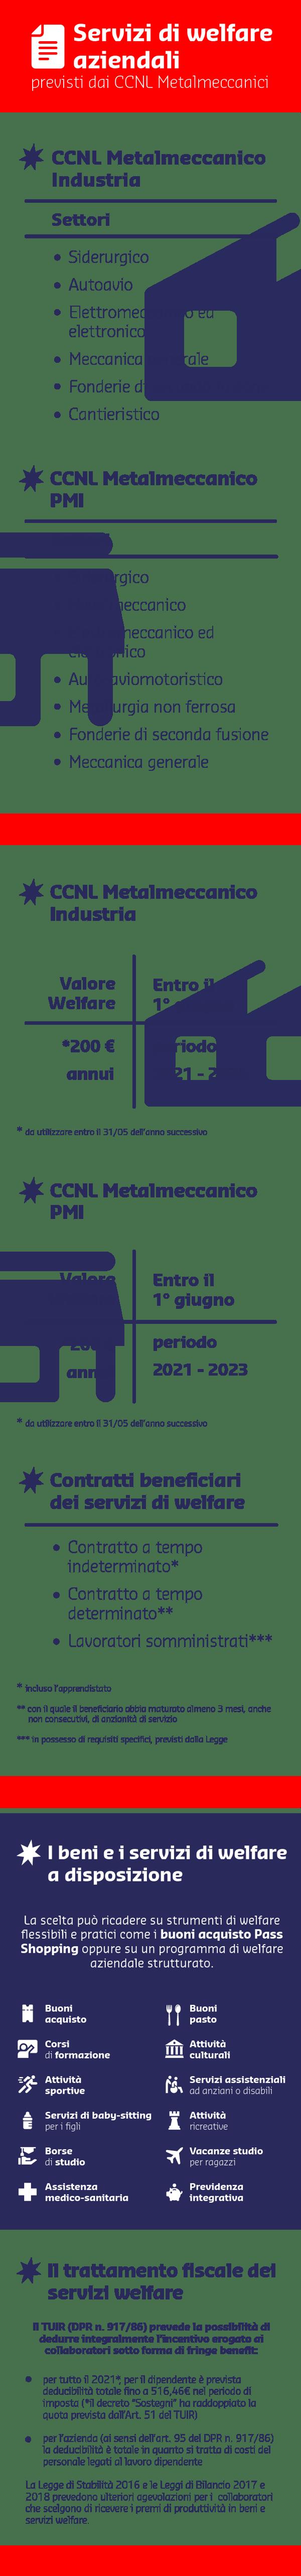 welfare CCNL Metalmeccanici_decreto ristori